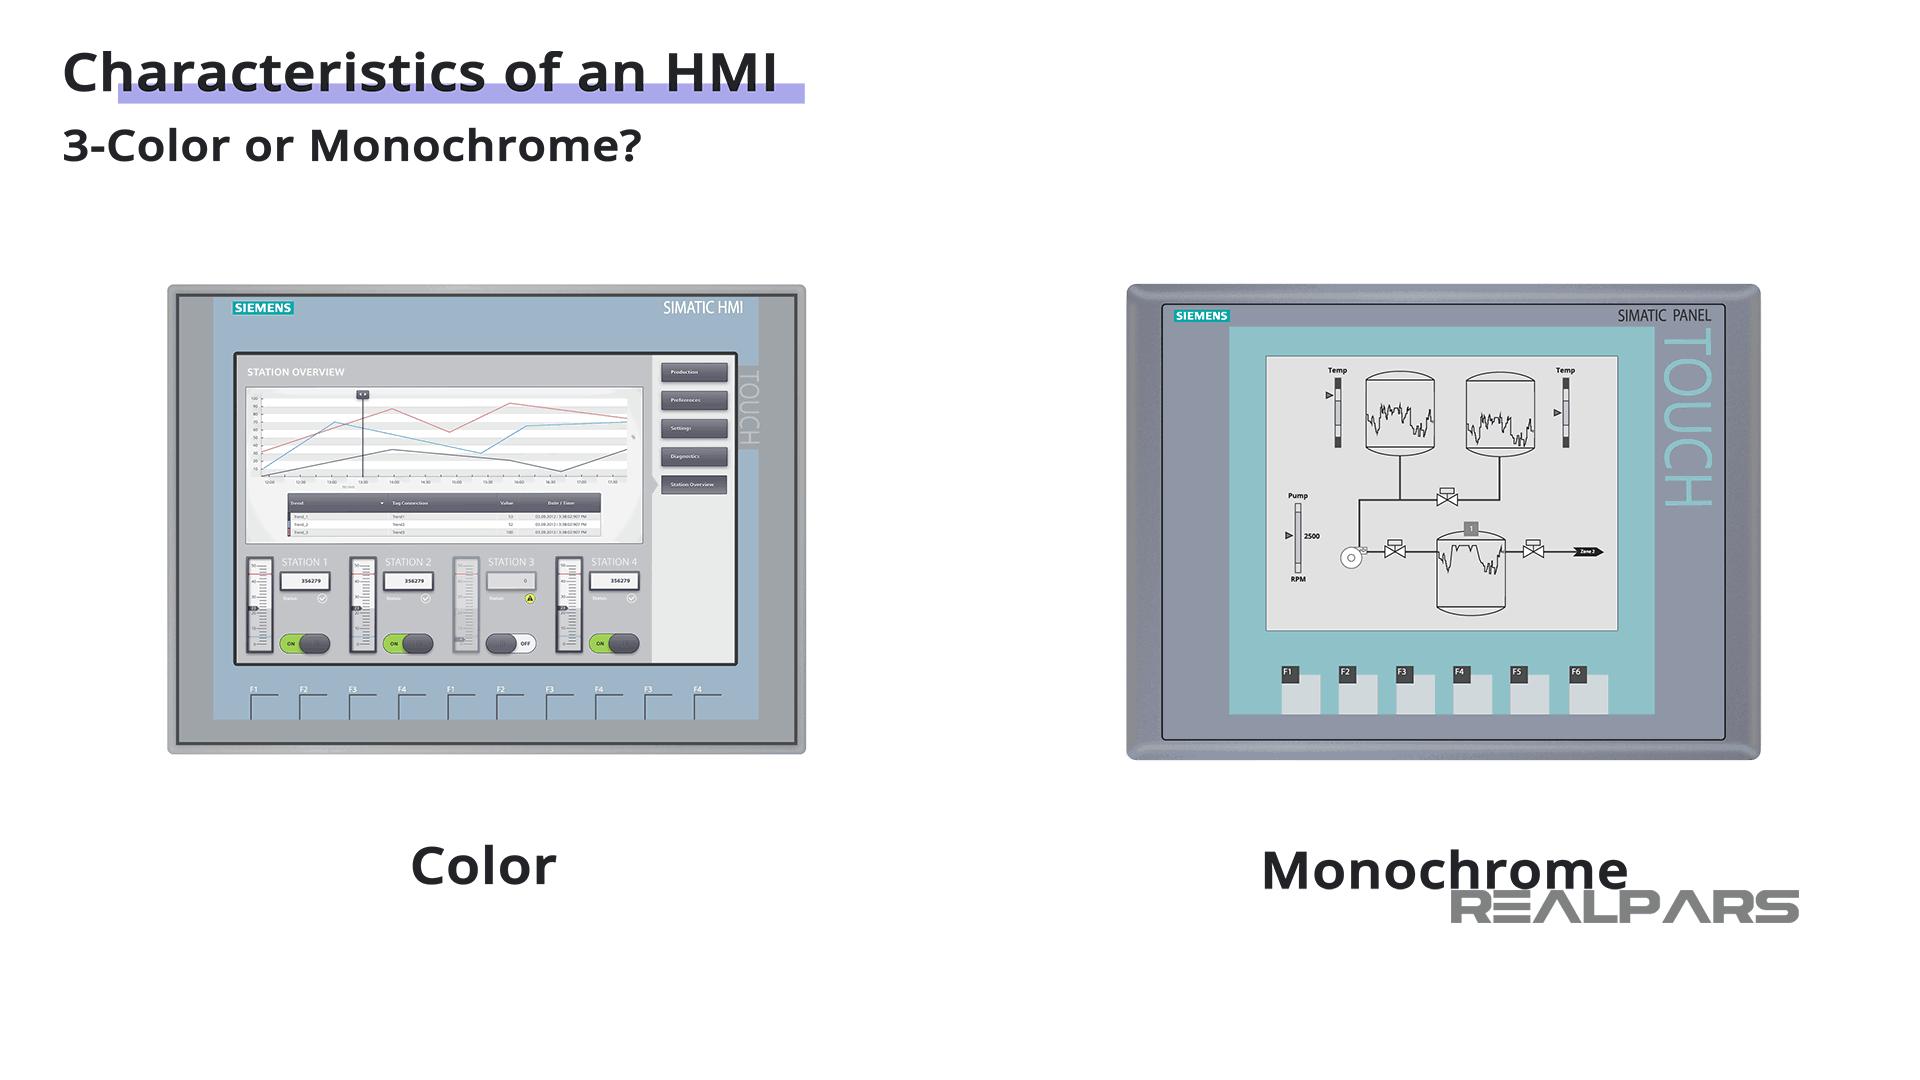 Color HMI vs. Monochrome